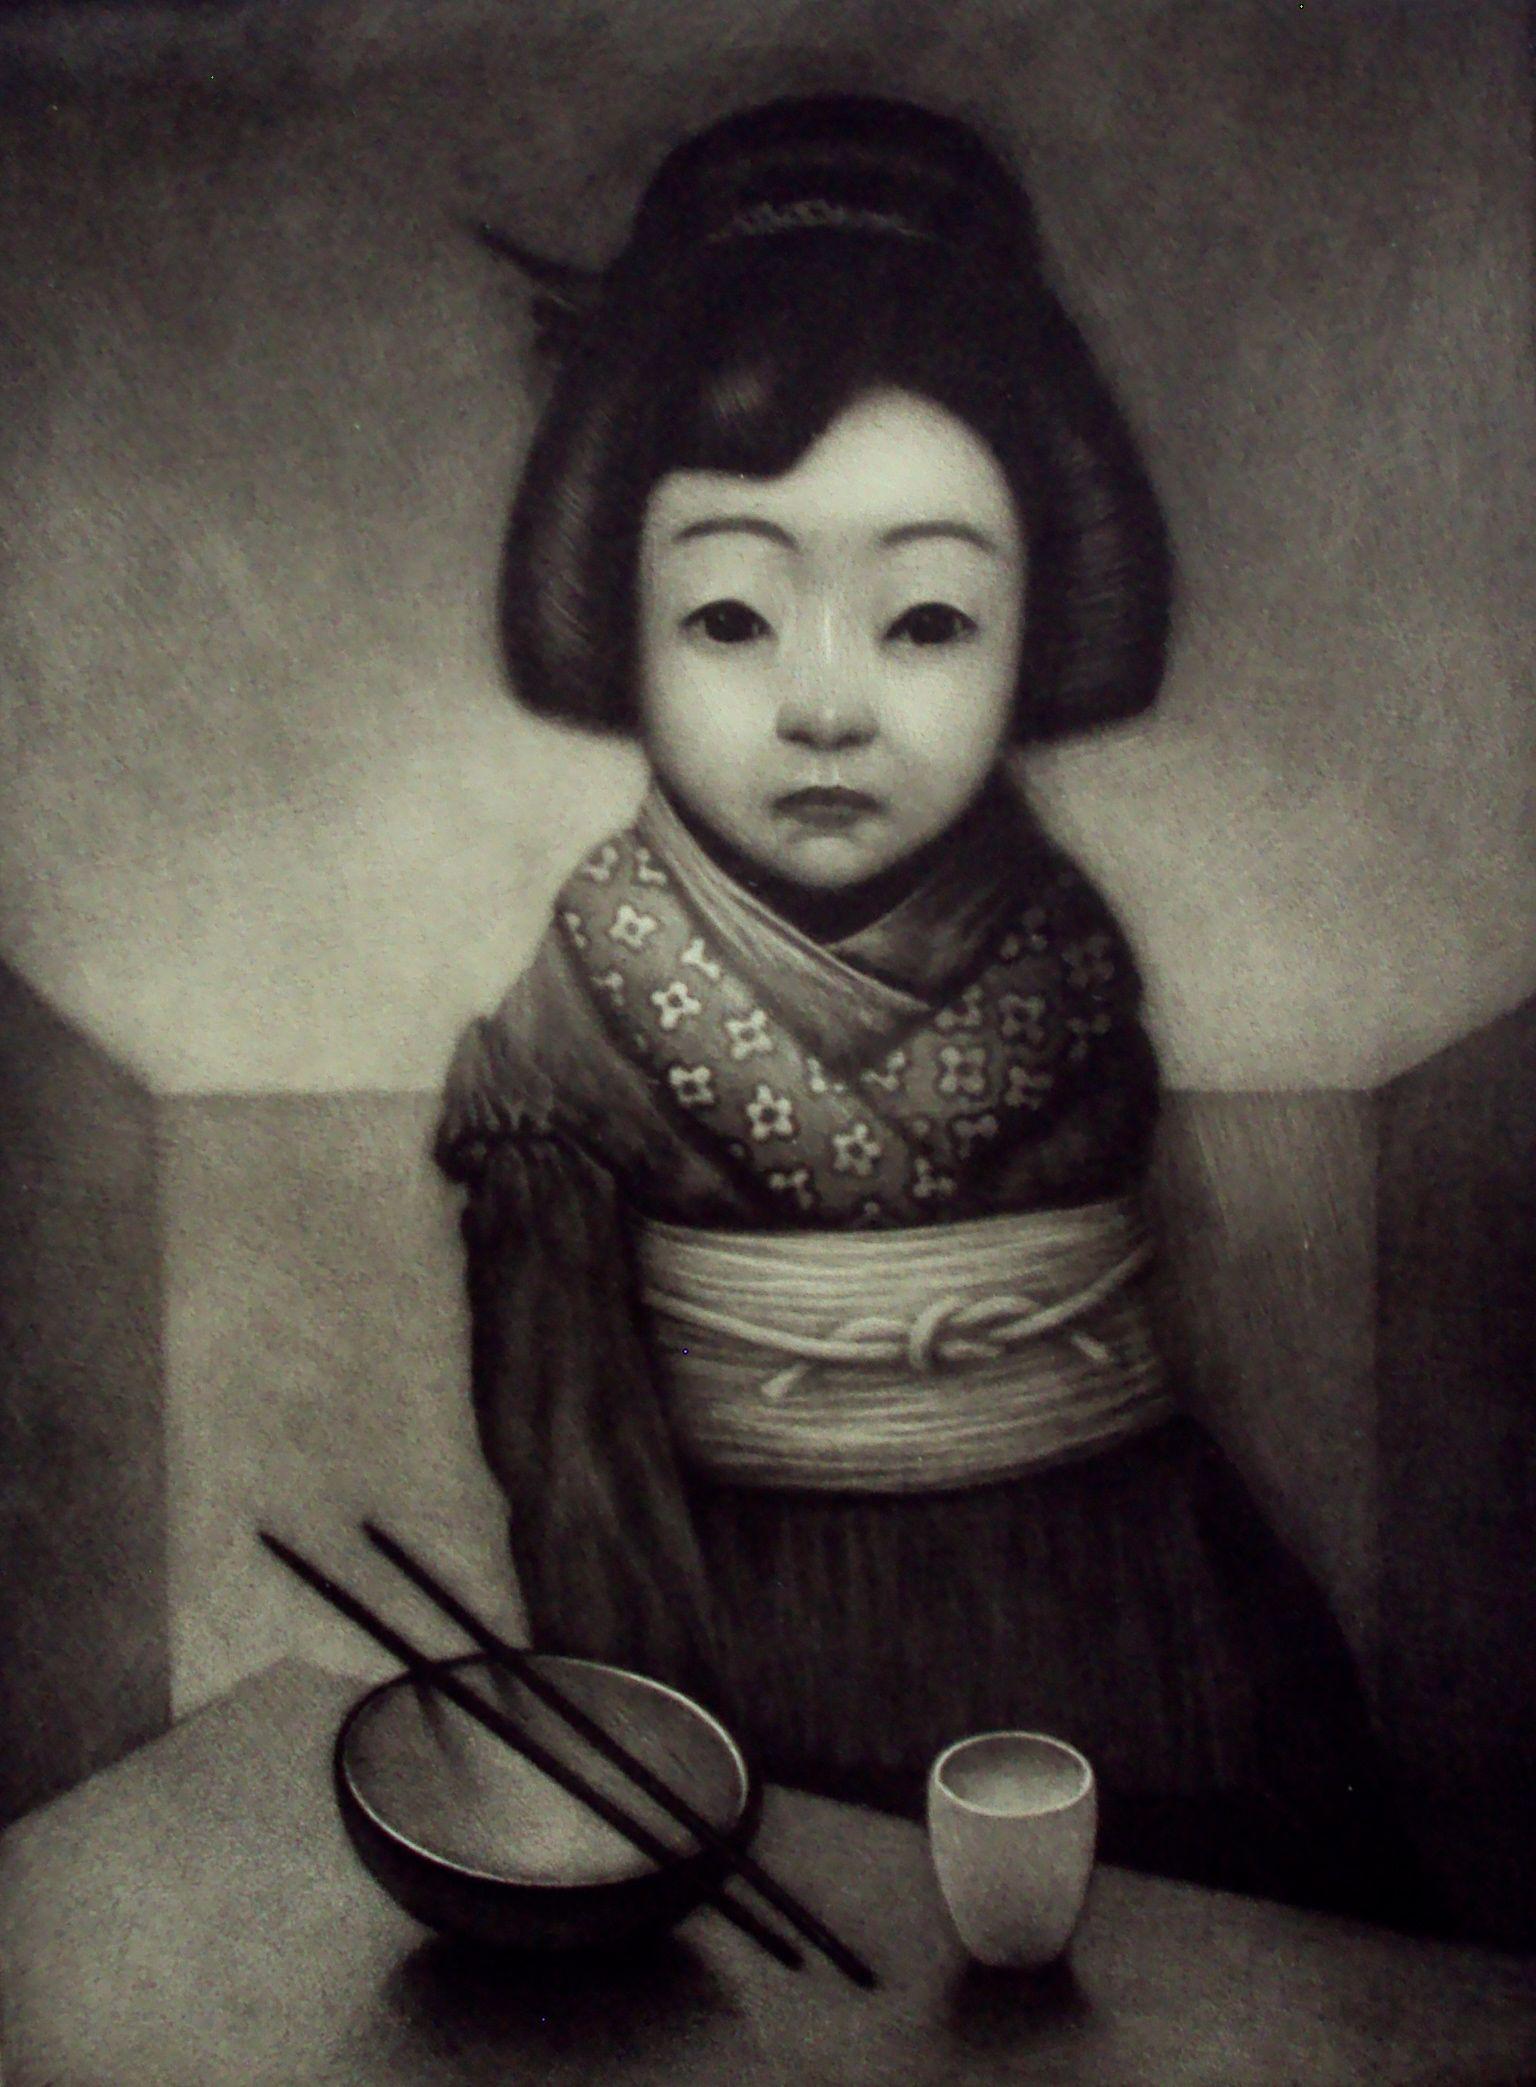 Japansk dukke 45 x 54 cm